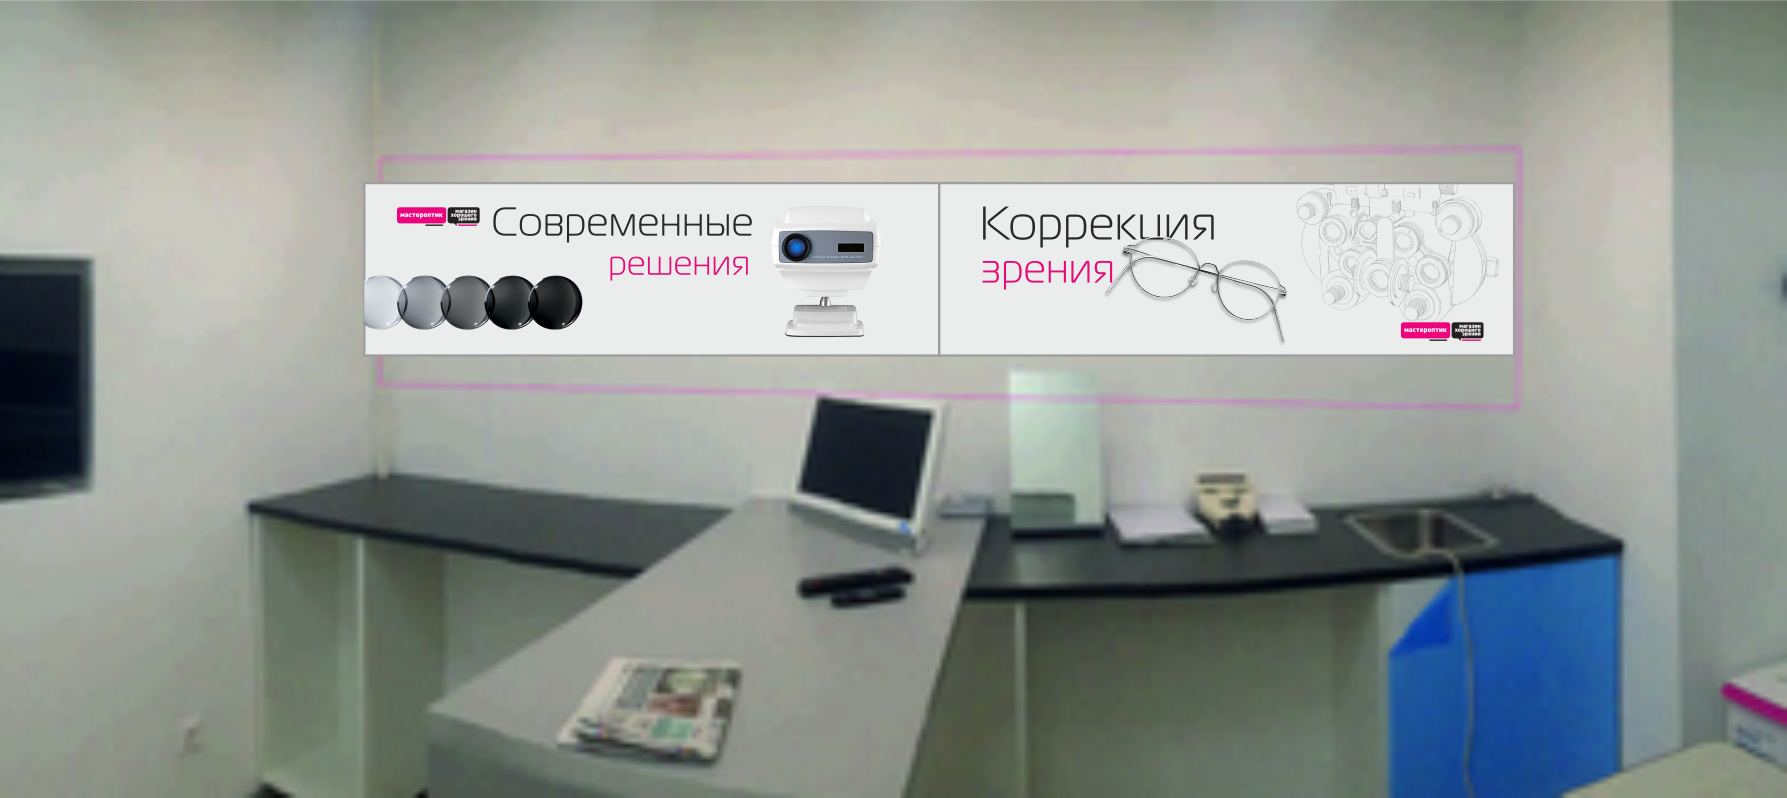 Создание нескольких графических панно для оптической компани фото f_1925902c45bdf579.png